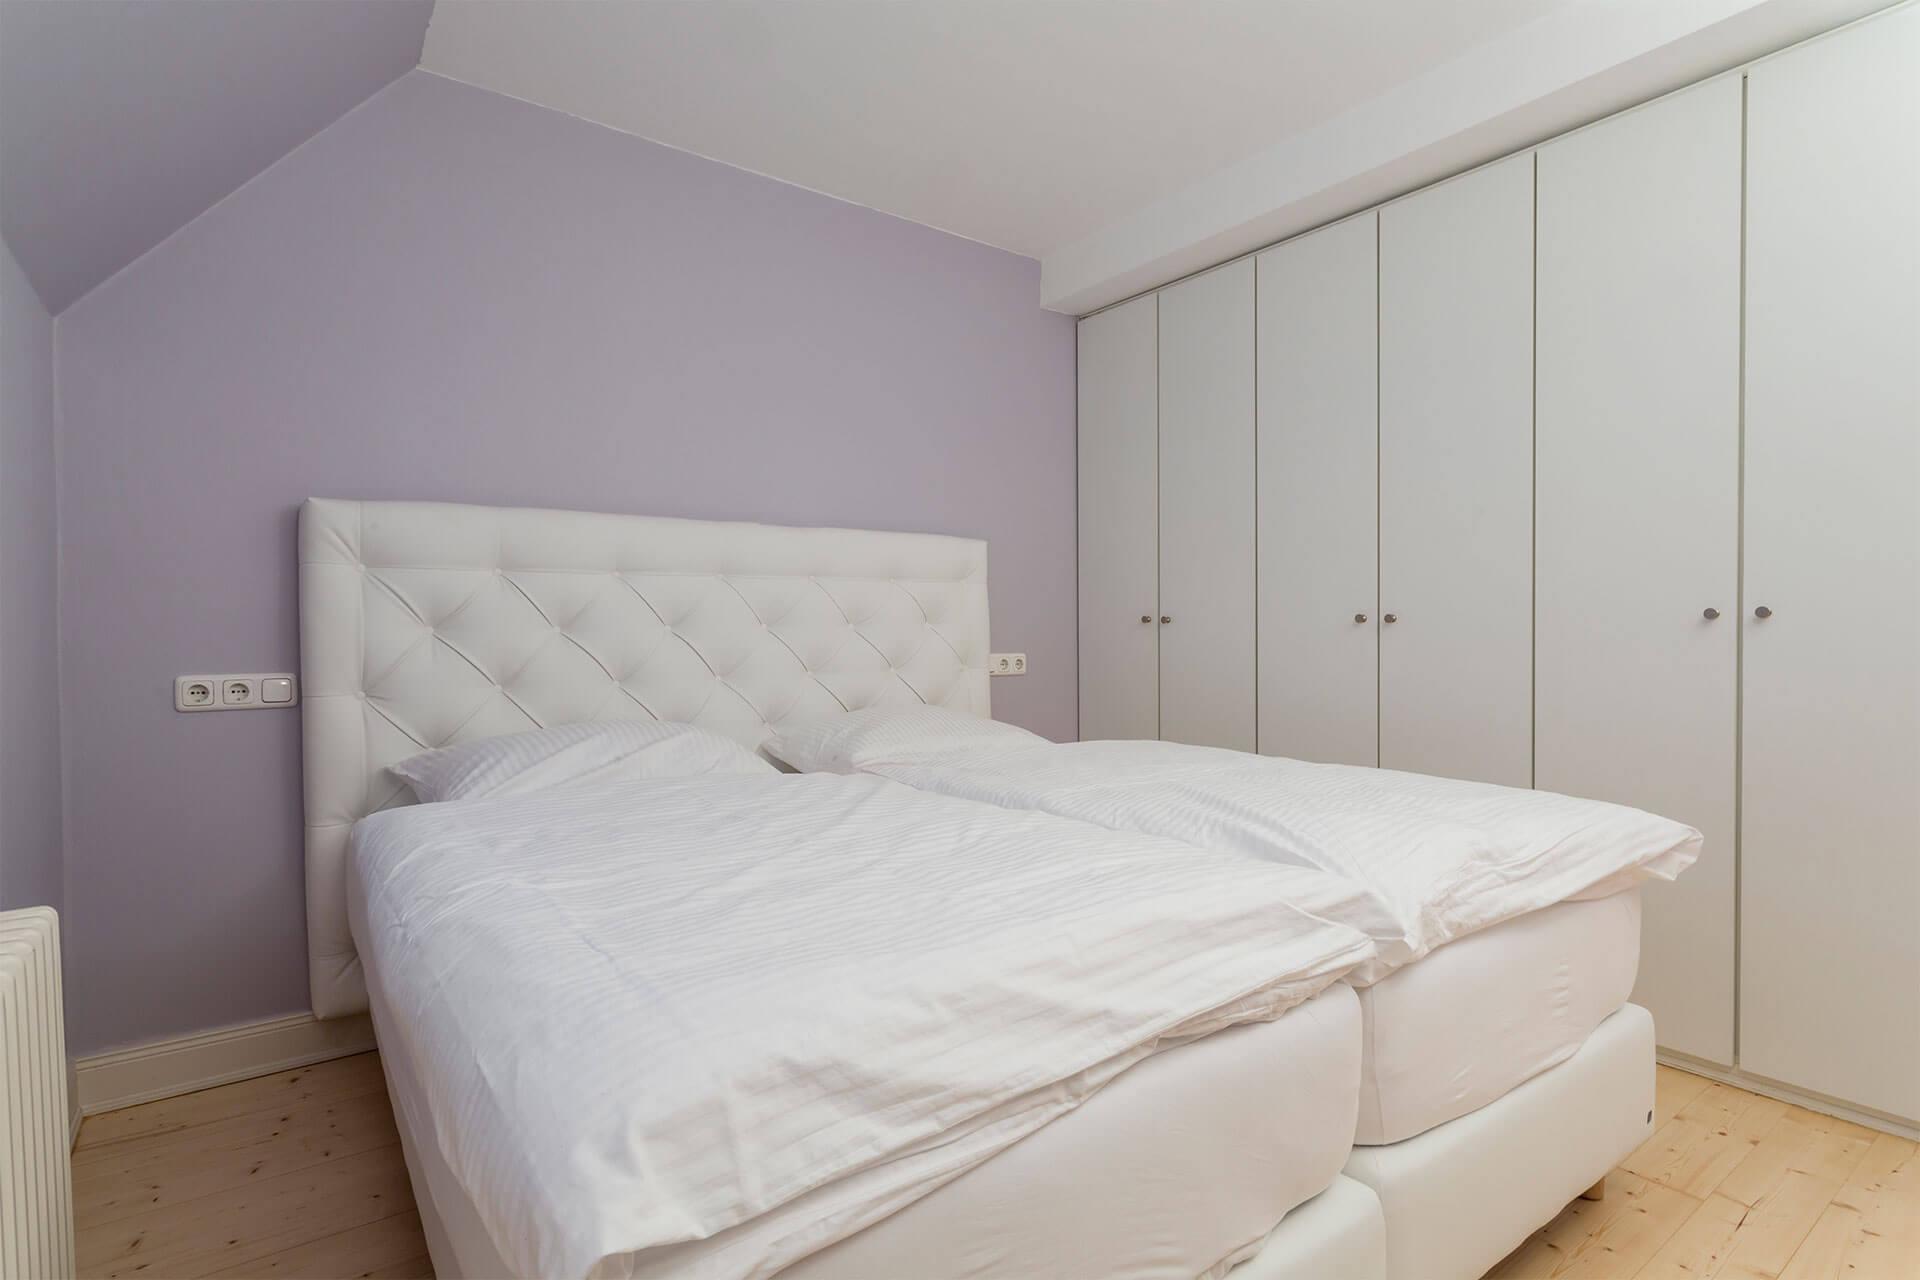 Schlafzimmer mit Boxspringbett mit kuscheliger Betwäsche und Einbauschrank